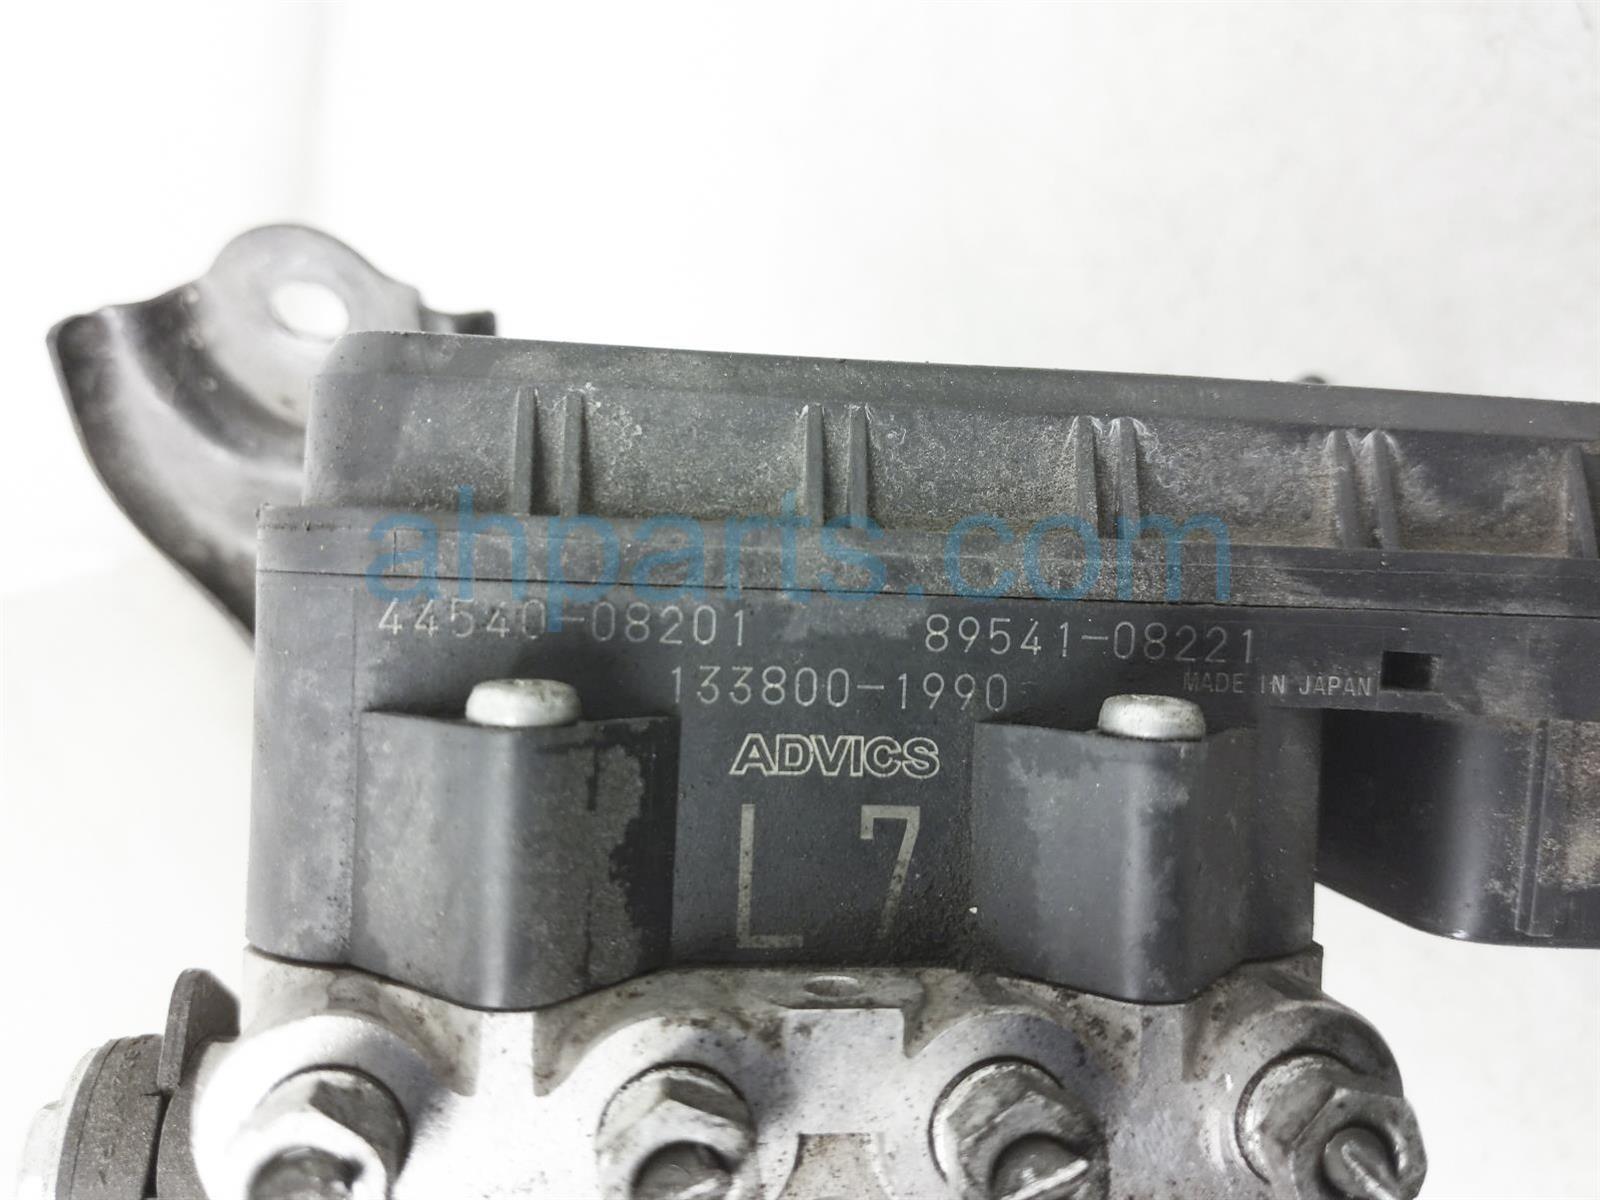 2013 Toyota Sienna (anti Lock Brake) Abs/vsa Pump/modulator 44050 08221 Replacement